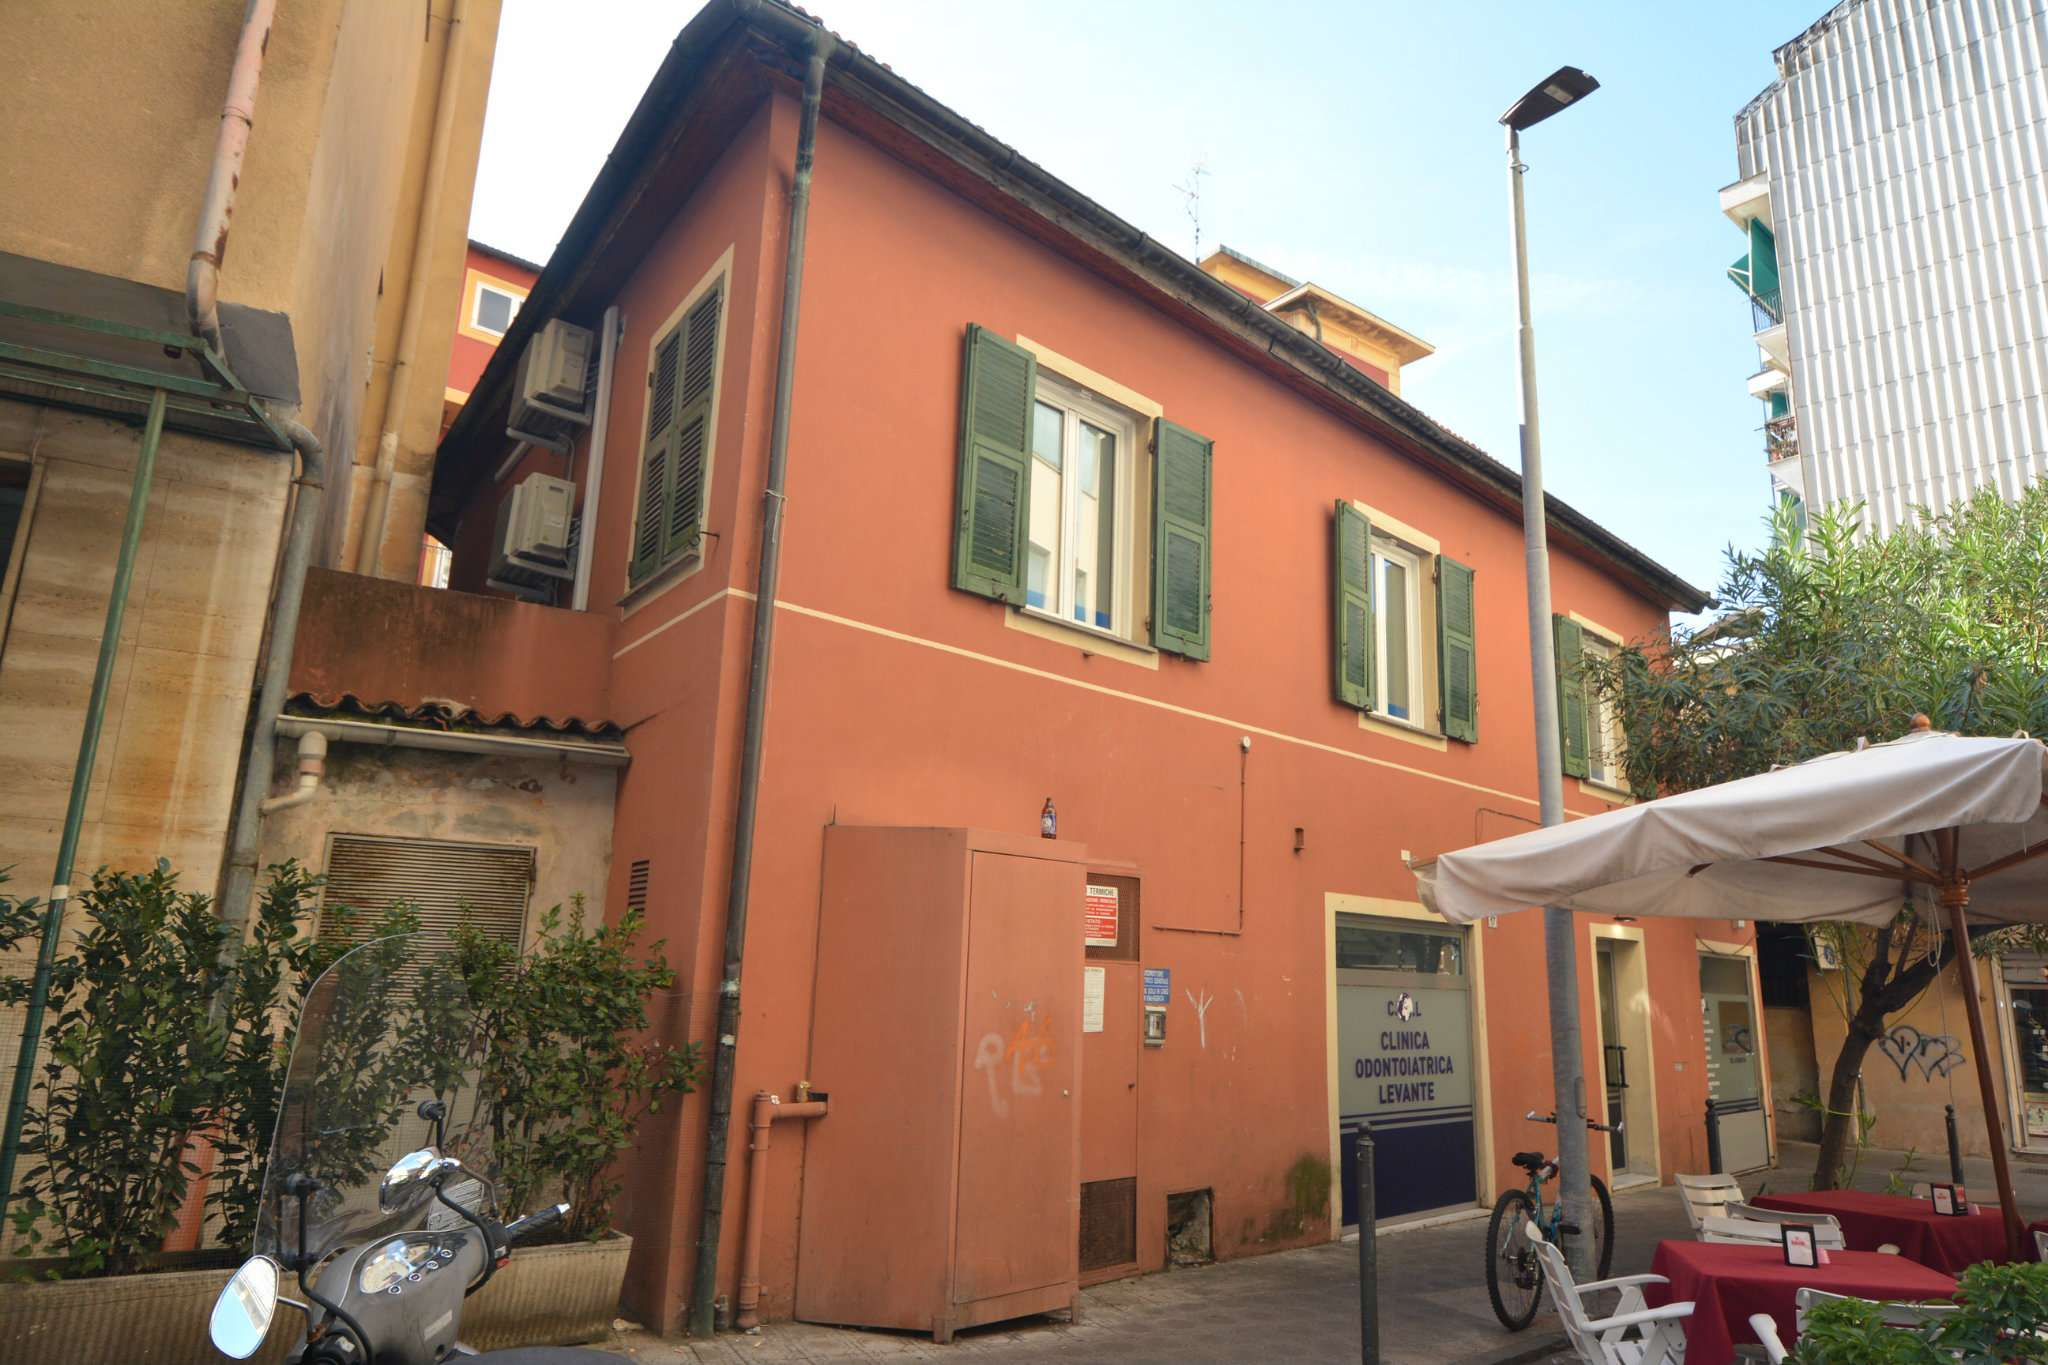 Negozio / Locale in vendita a Rapallo, 14 locali, prezzo € 400.000 | PortaleAgenzieImmobiliari.it